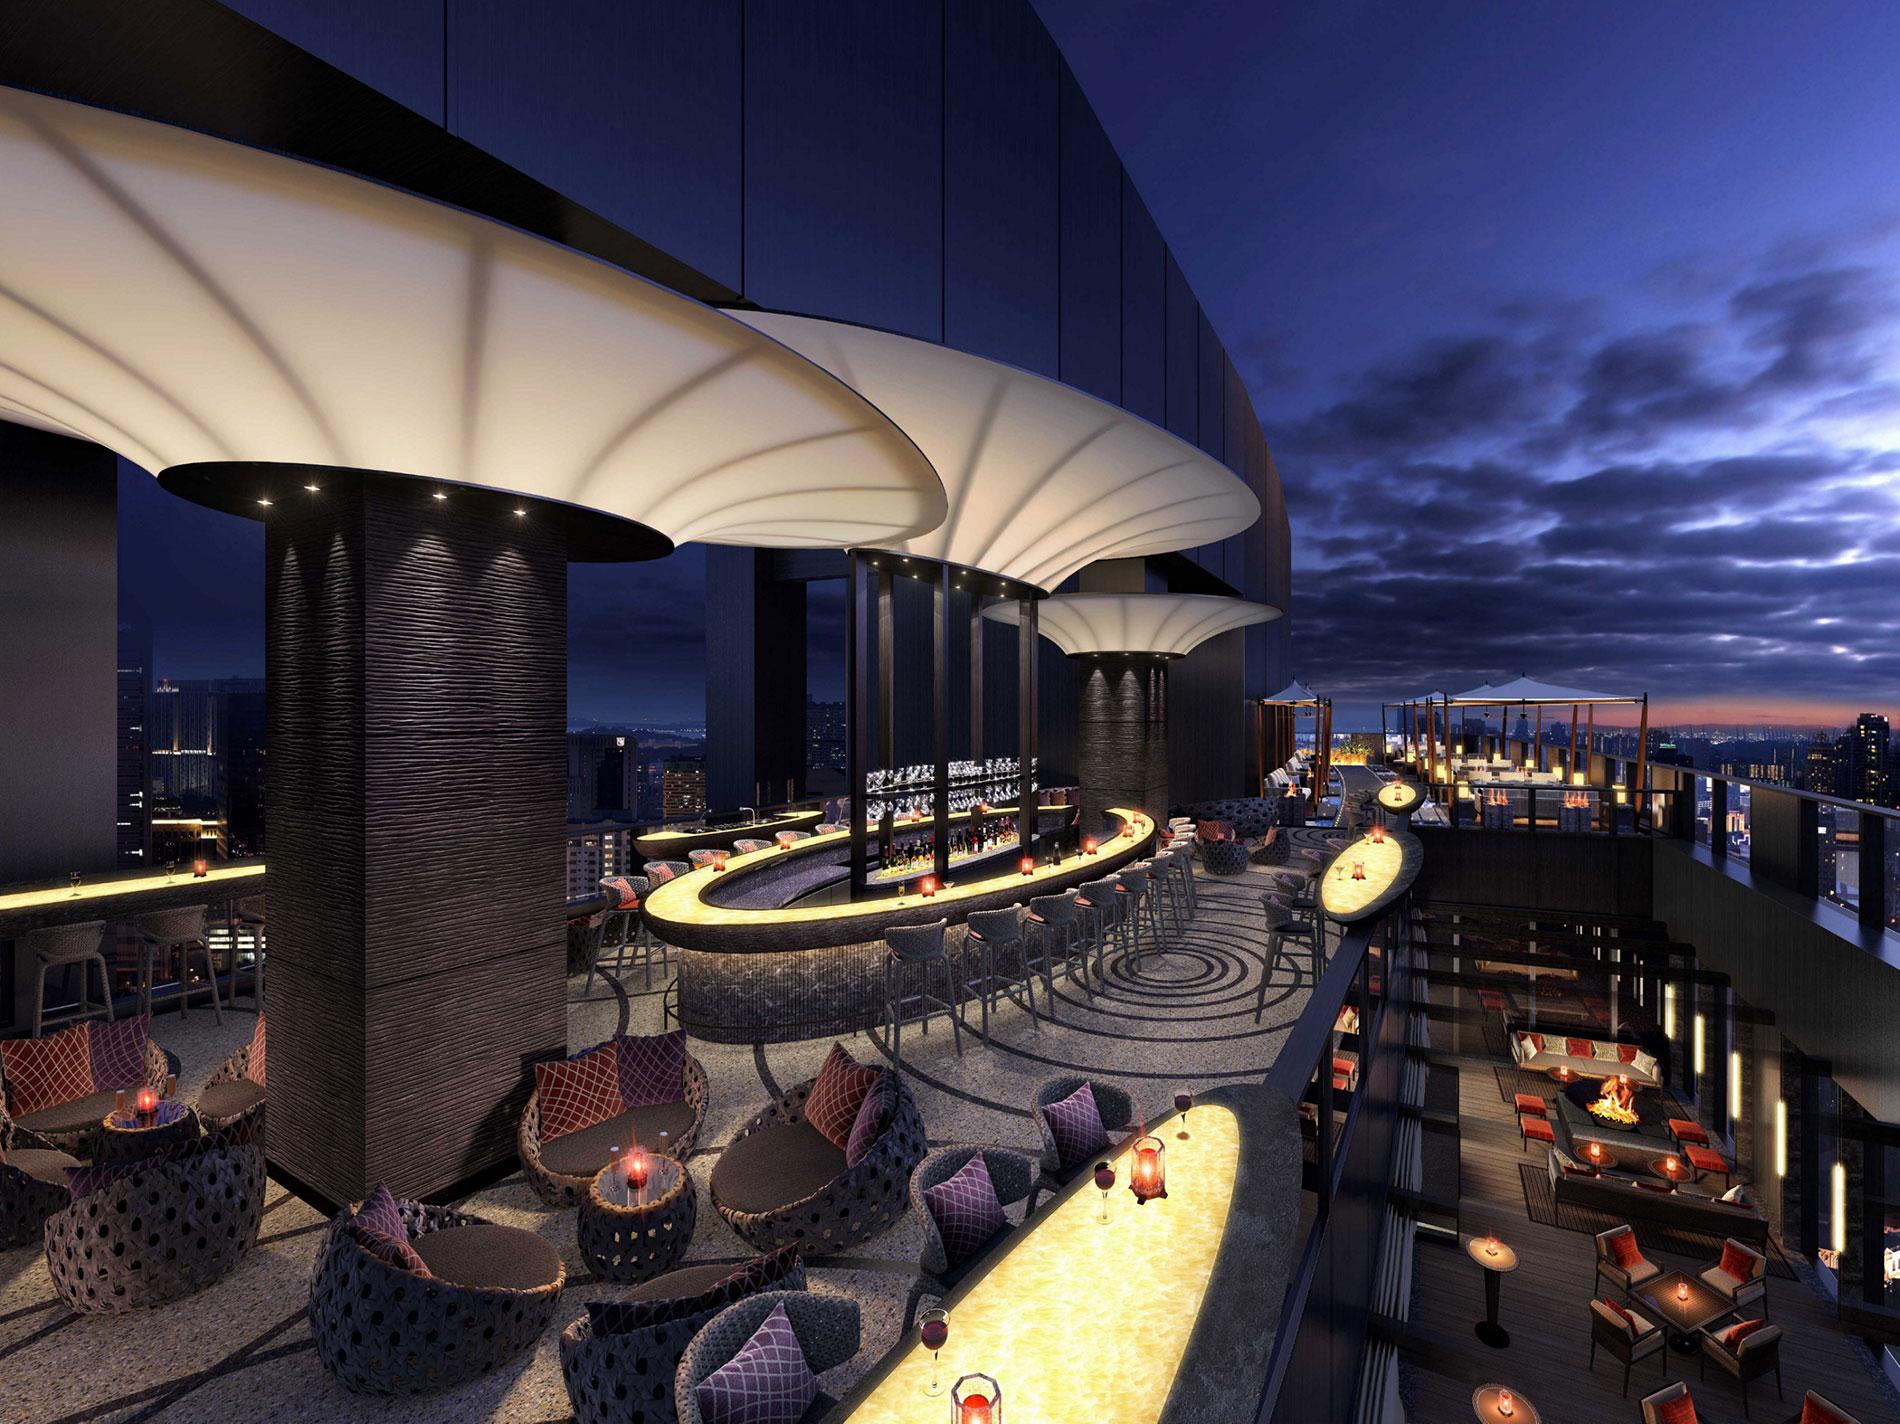 Список из 10 лучших ресторанов Пекина на свежем воздухе. Фото: hospitalitynet.org